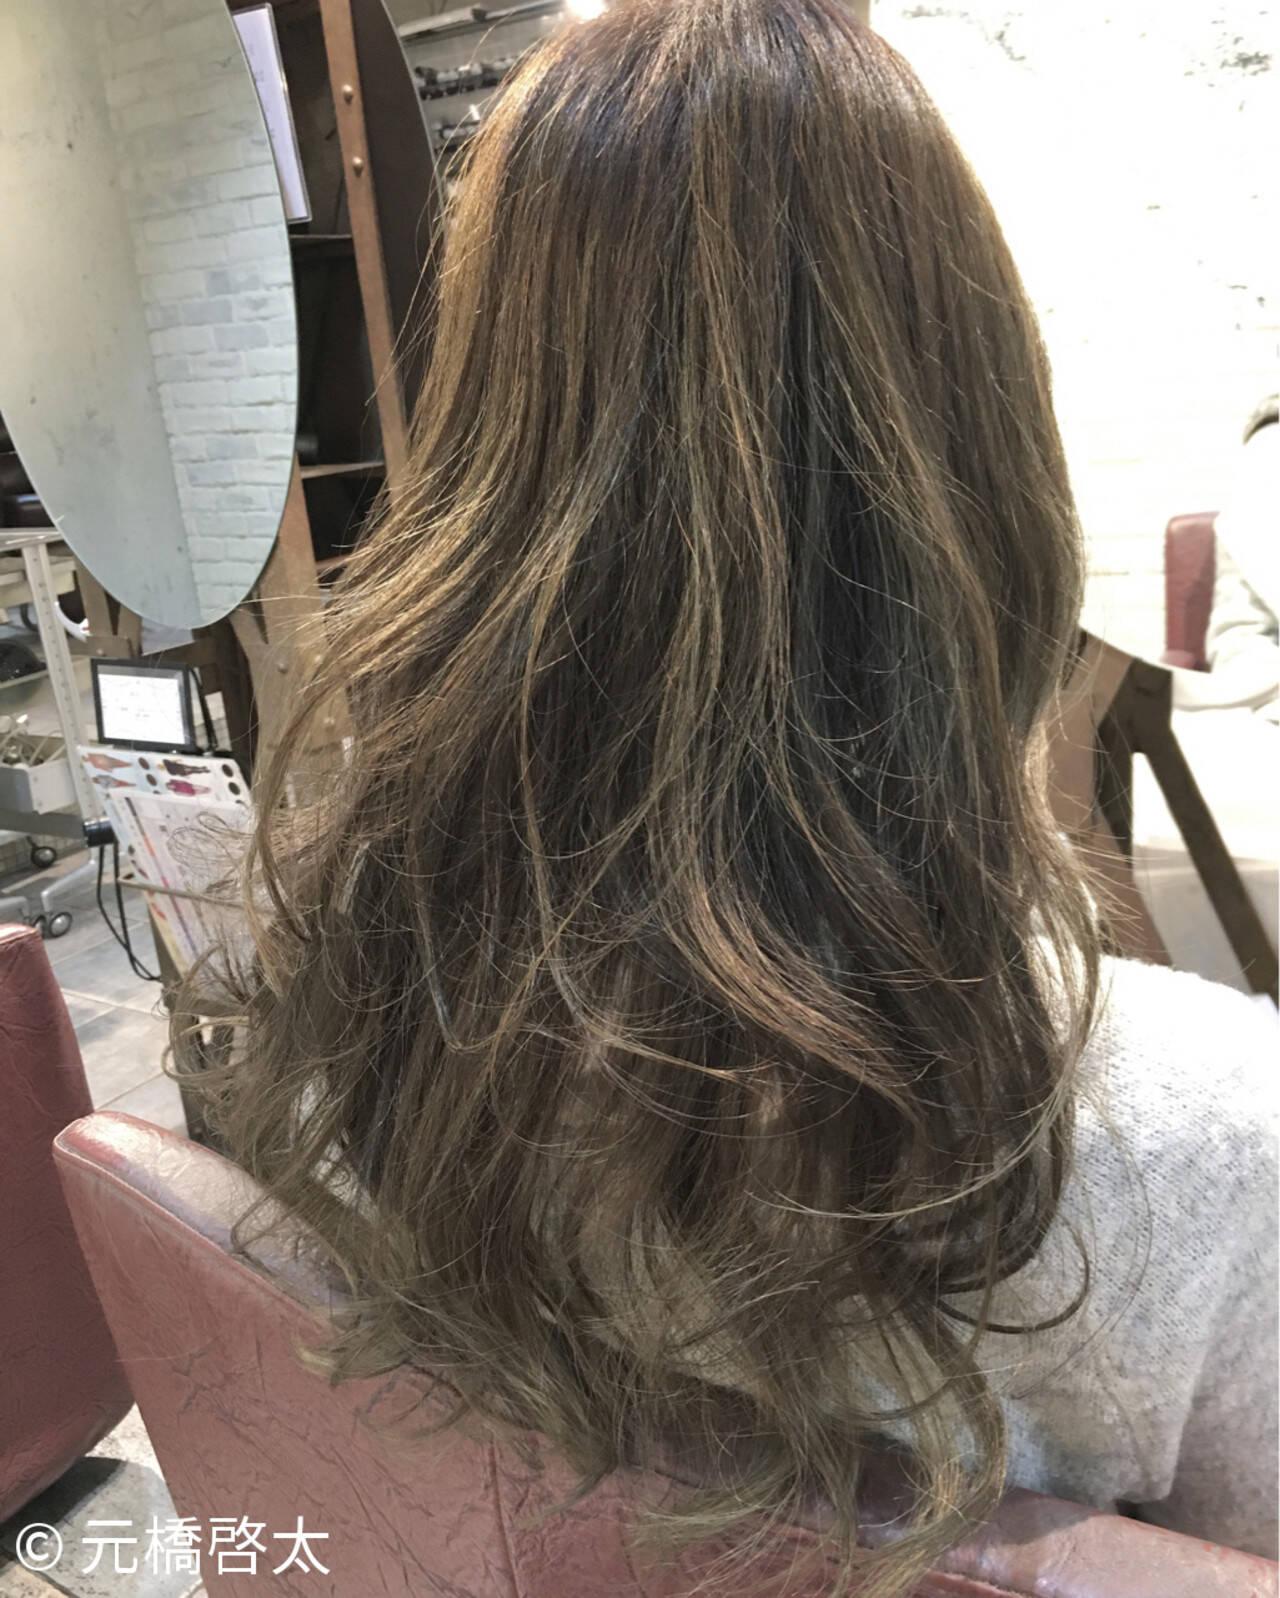 ゆるふわ ハイライト ガーリー アッシュヘアスタイルや髪型の写真・画像